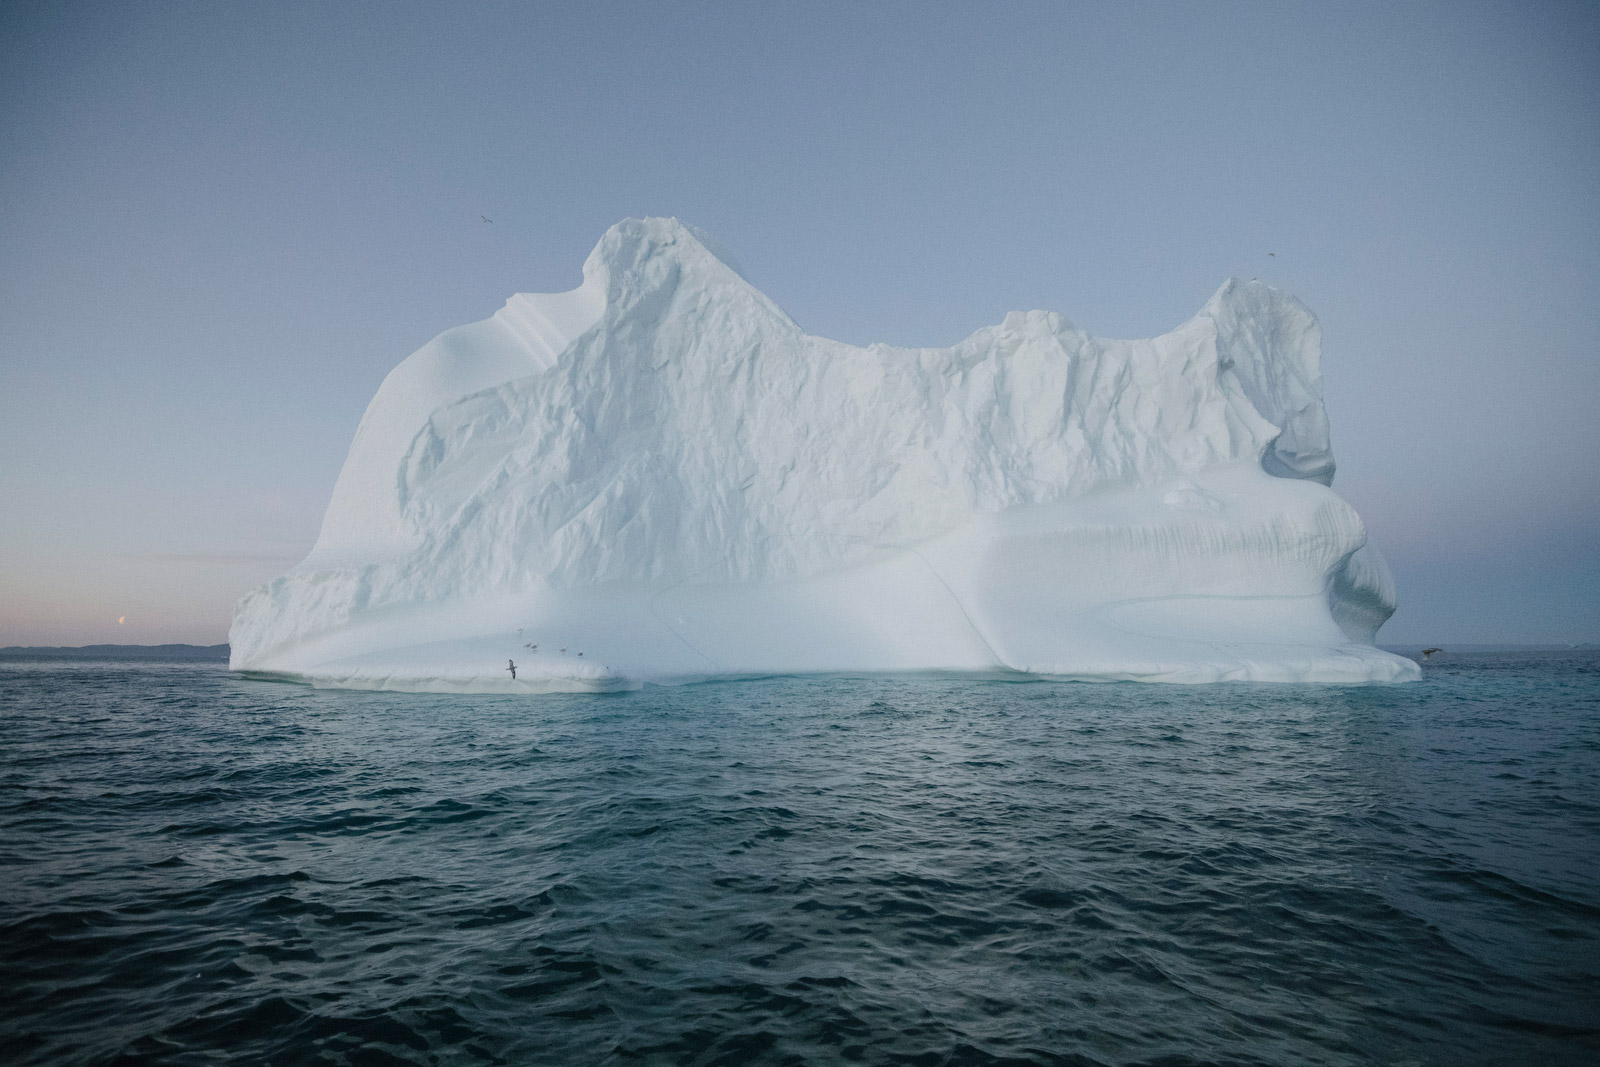 نگاهی به سرزمین گرینلند